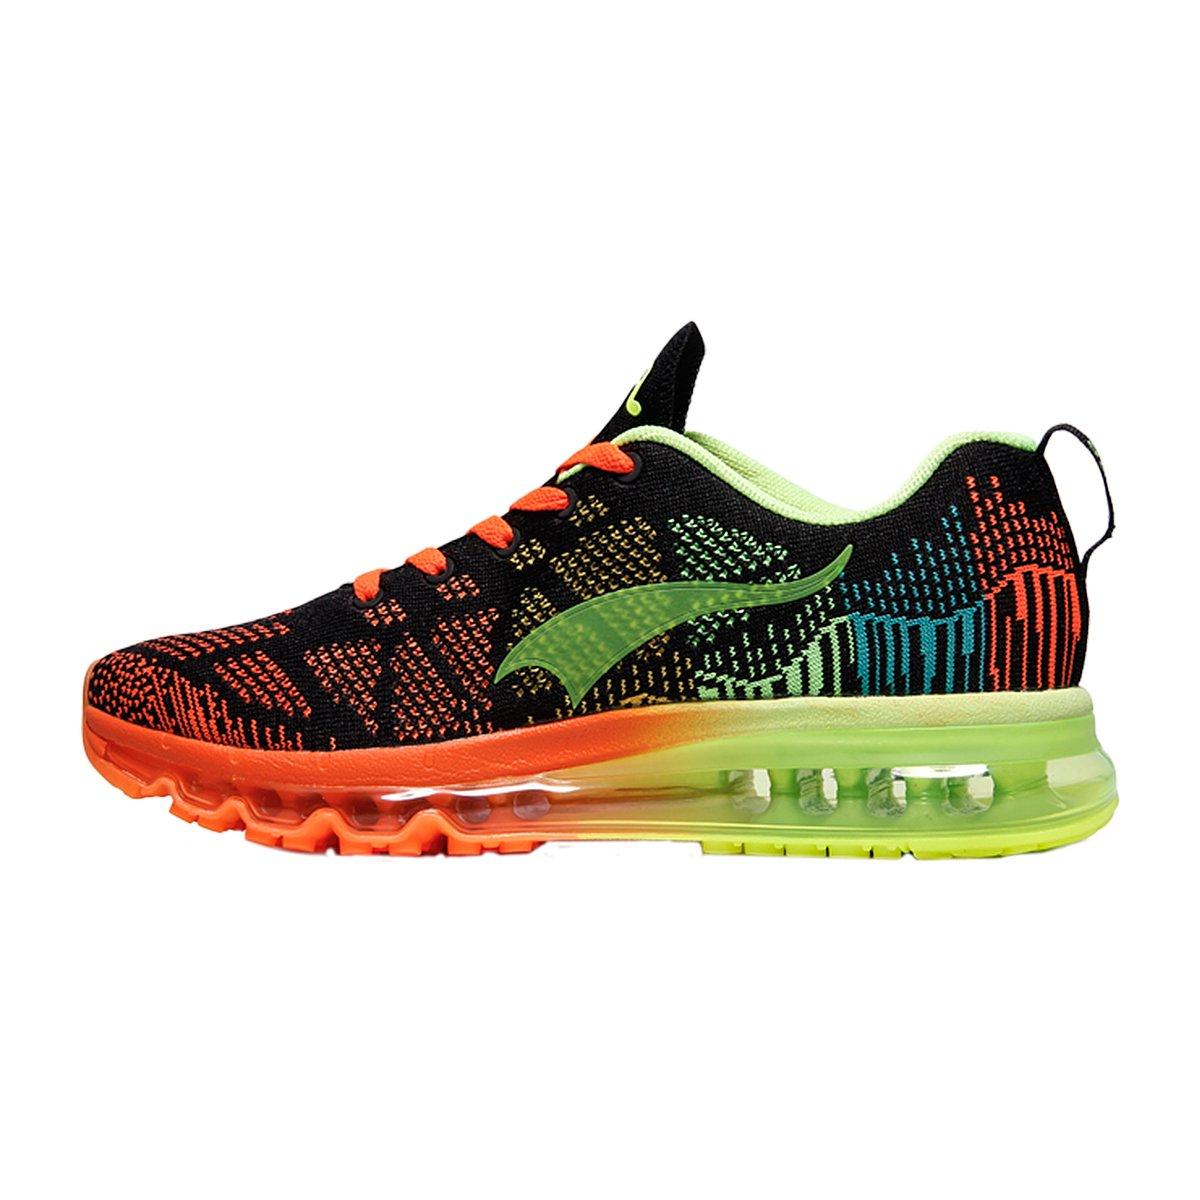 ONEMIX Women's Lightweight Air Cushion Outdoor Sport Running Shoes B07BQJWBS4 Women 7(M)US/Men 5.5(M)US 38EU|Blackgreen-1